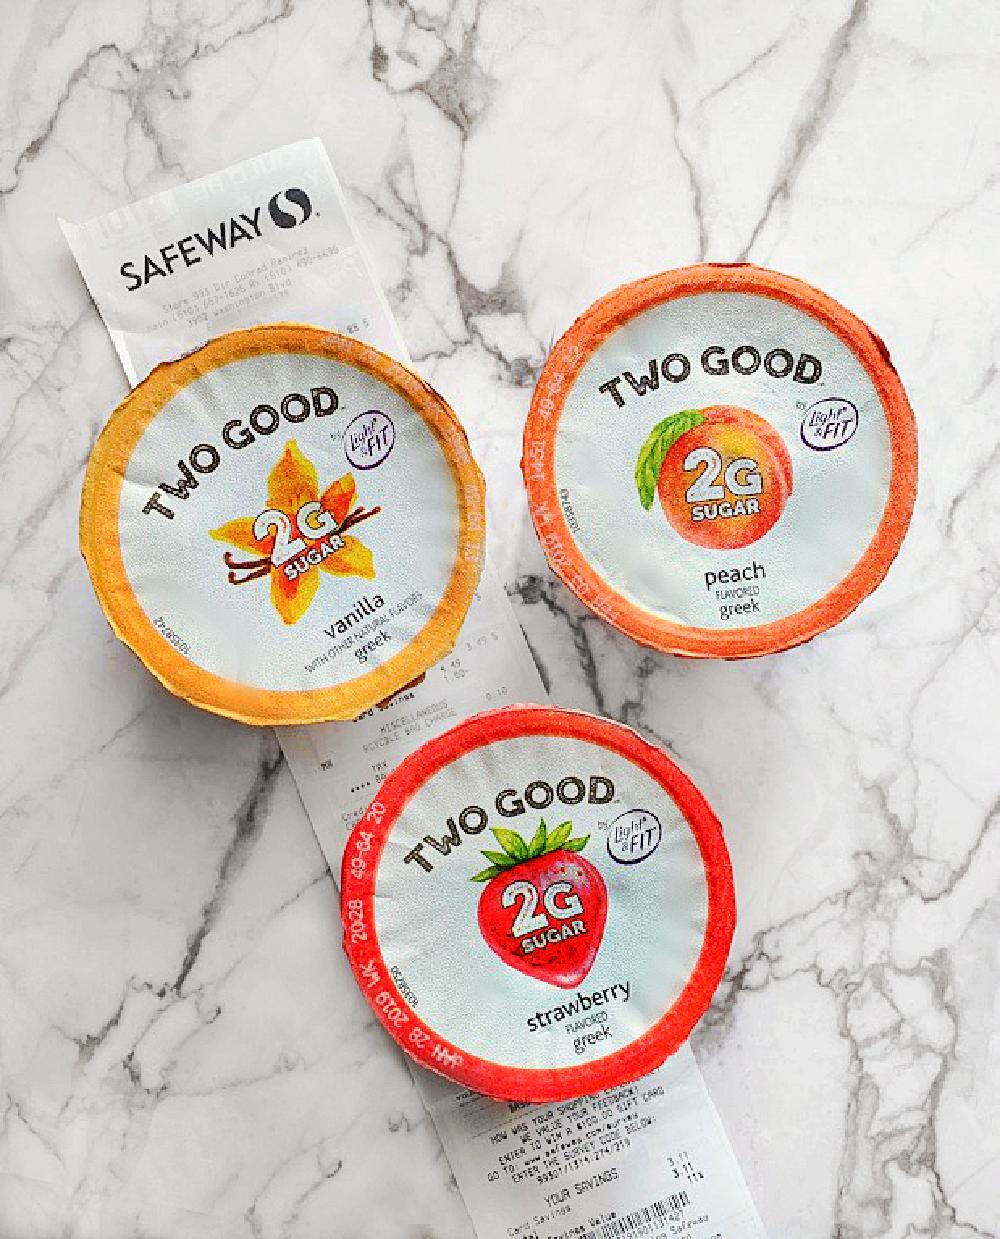 Too Good Yogurt with safeway reciept